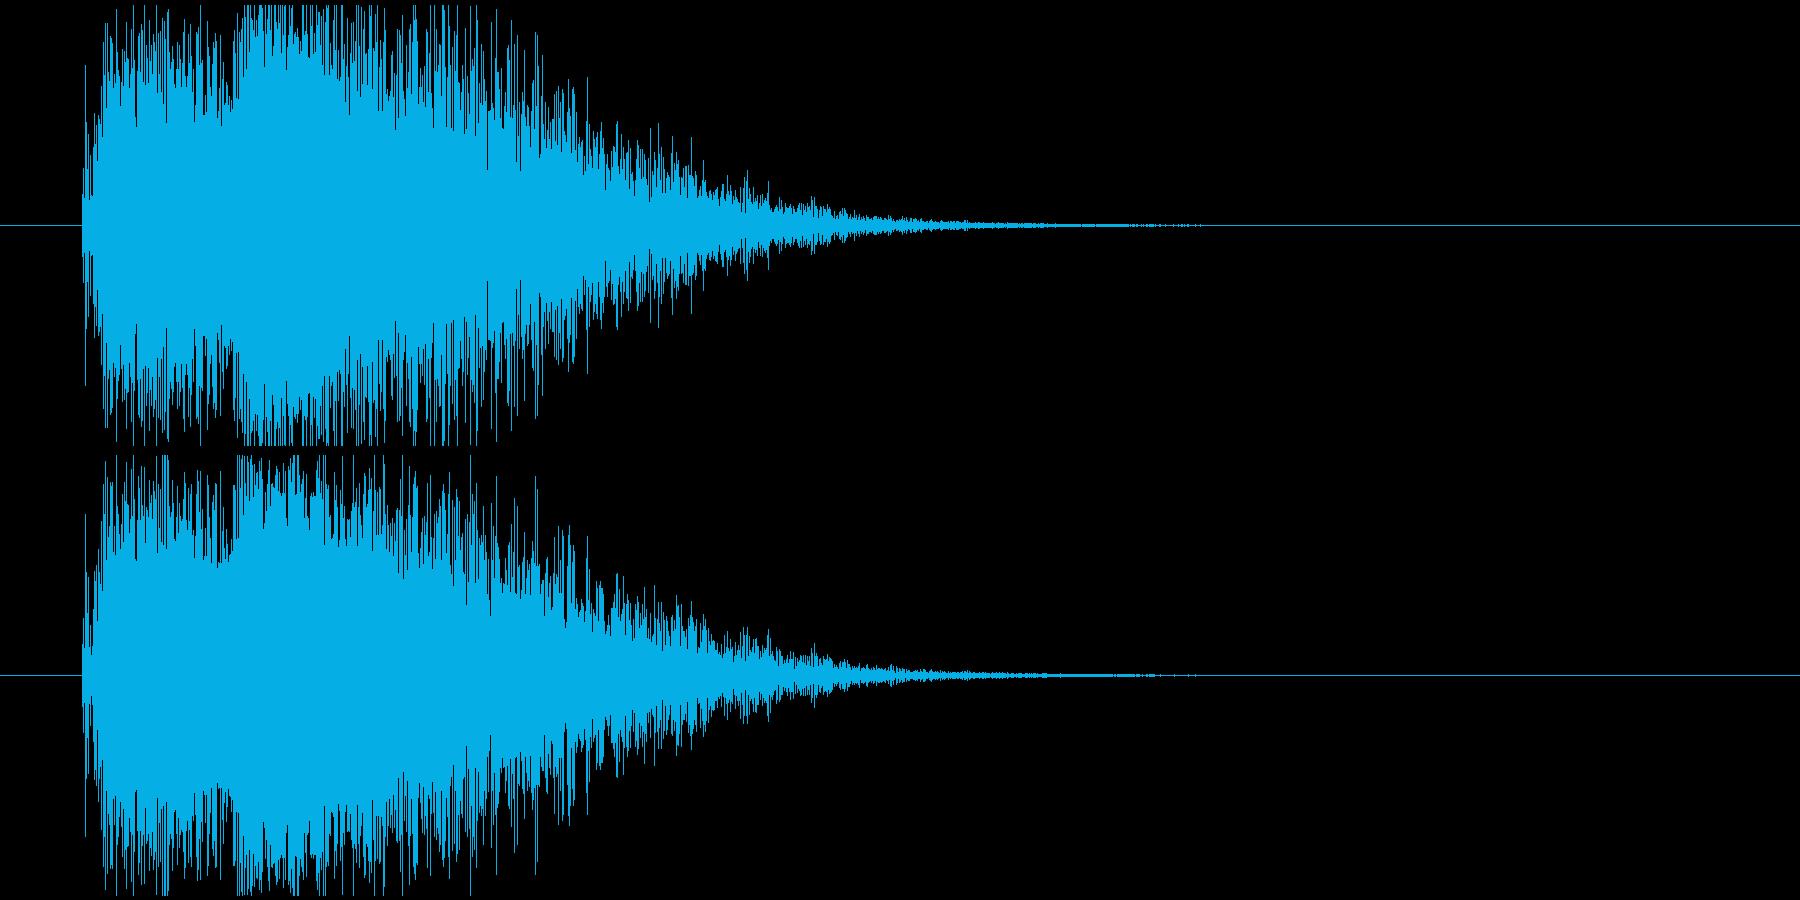 注目オケヒットの再生済みの波形